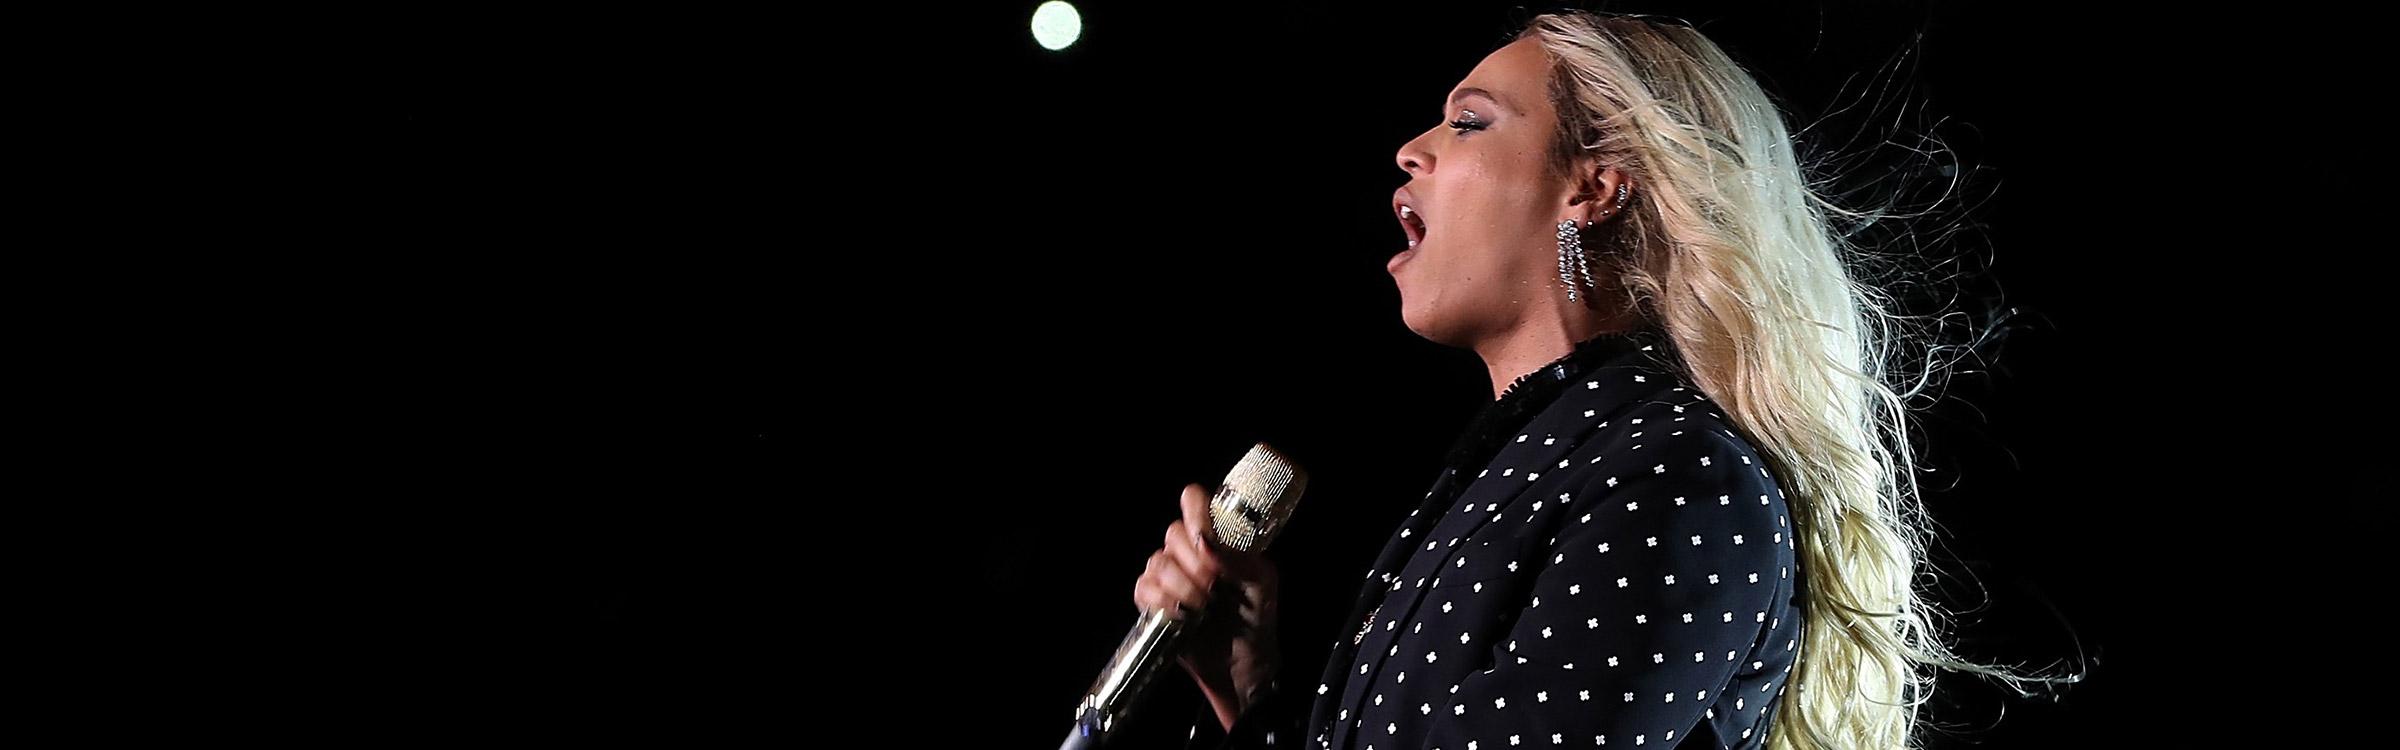 Beyonce header afbeelding